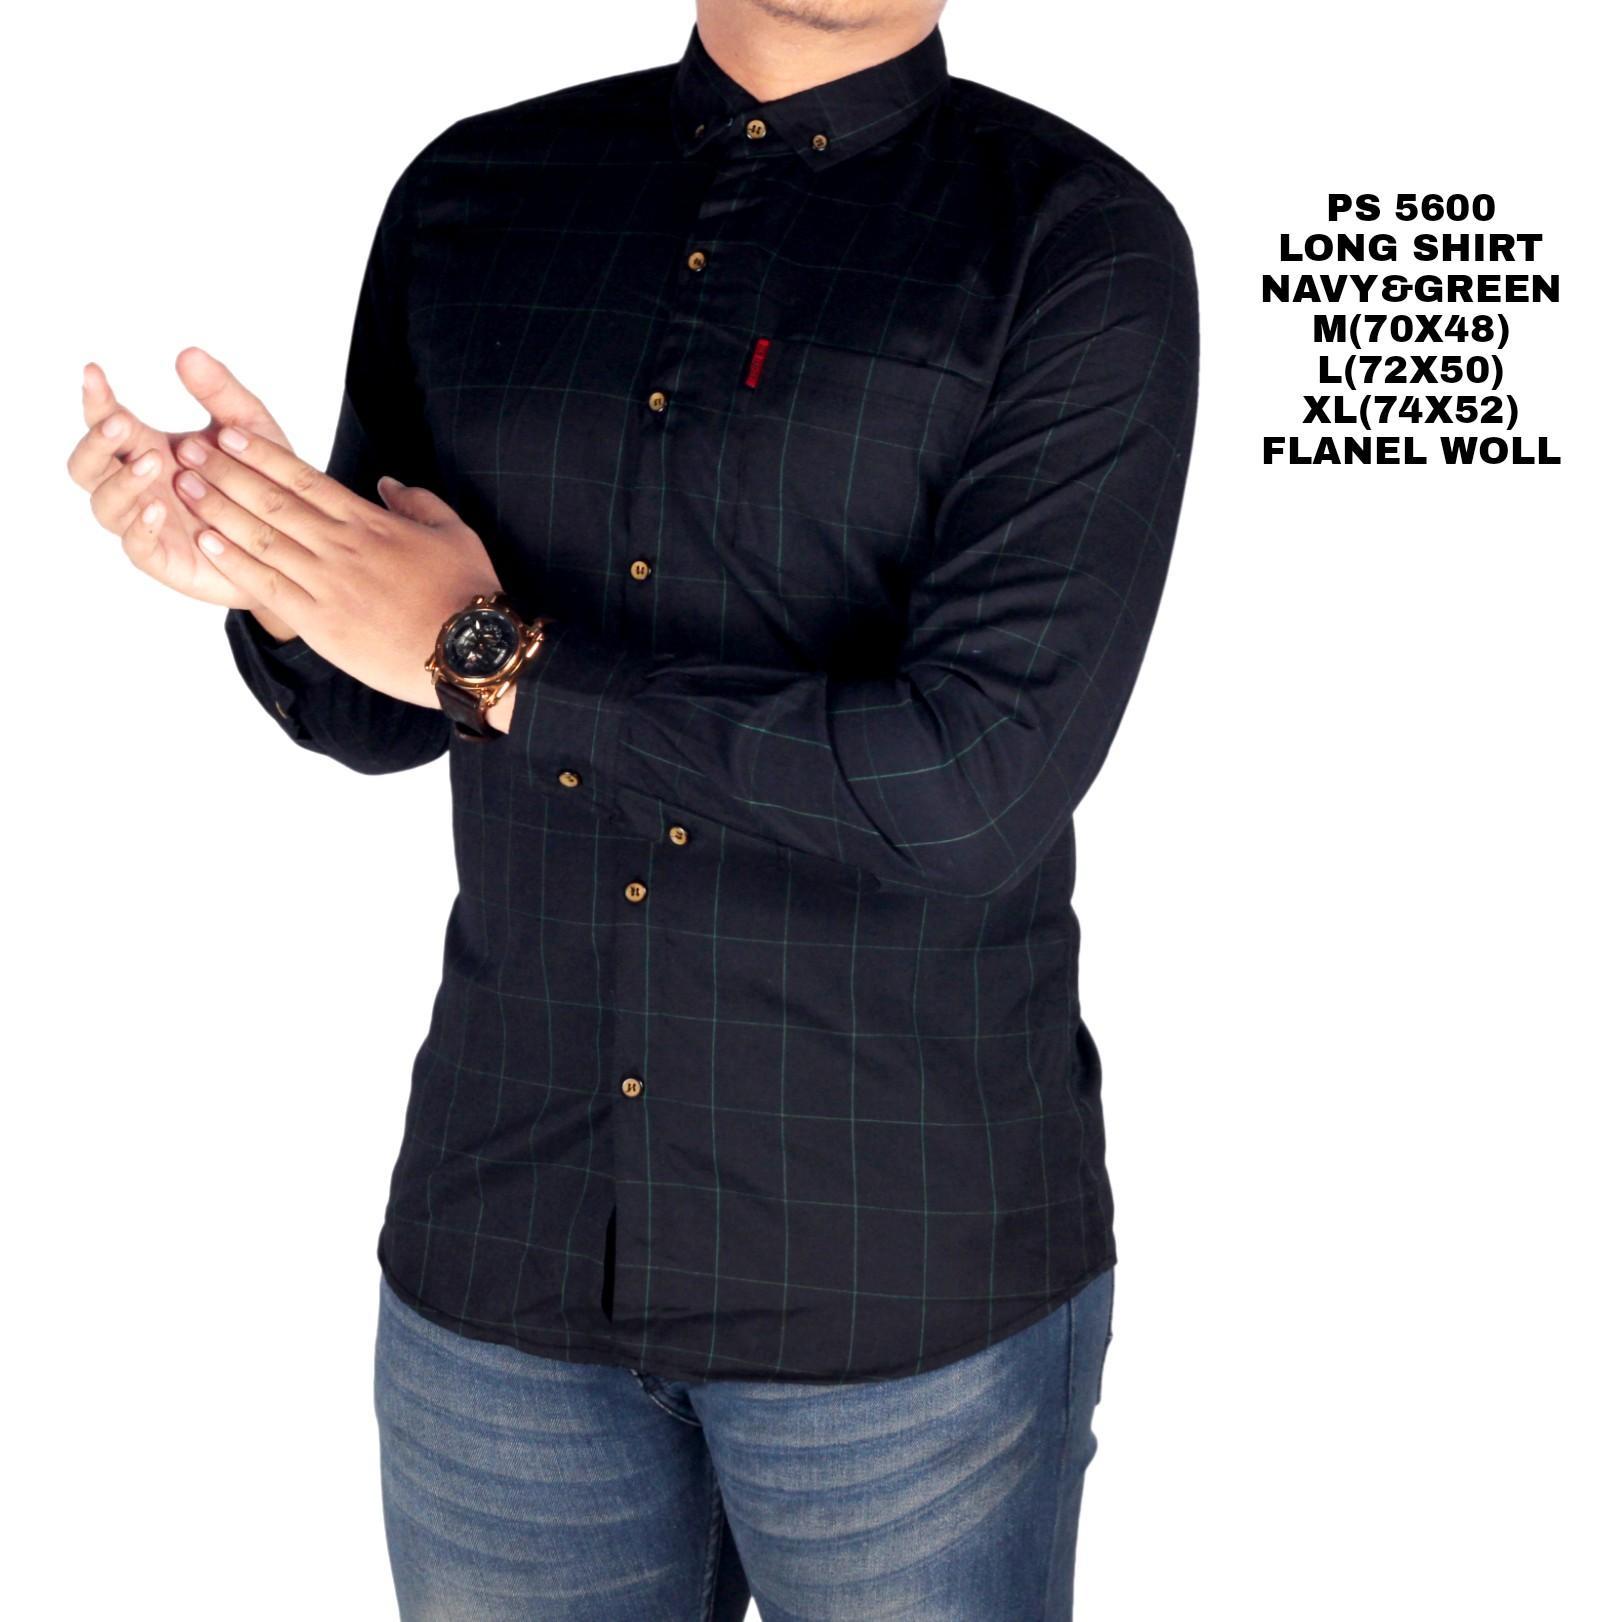 Kemeja Lengan Panjang Pria Batik Songket Navy Daftar Harga Terkini Flanel Model Slimfit Modern Dark Arthur Bandingkan Toko Bsg Fashion1